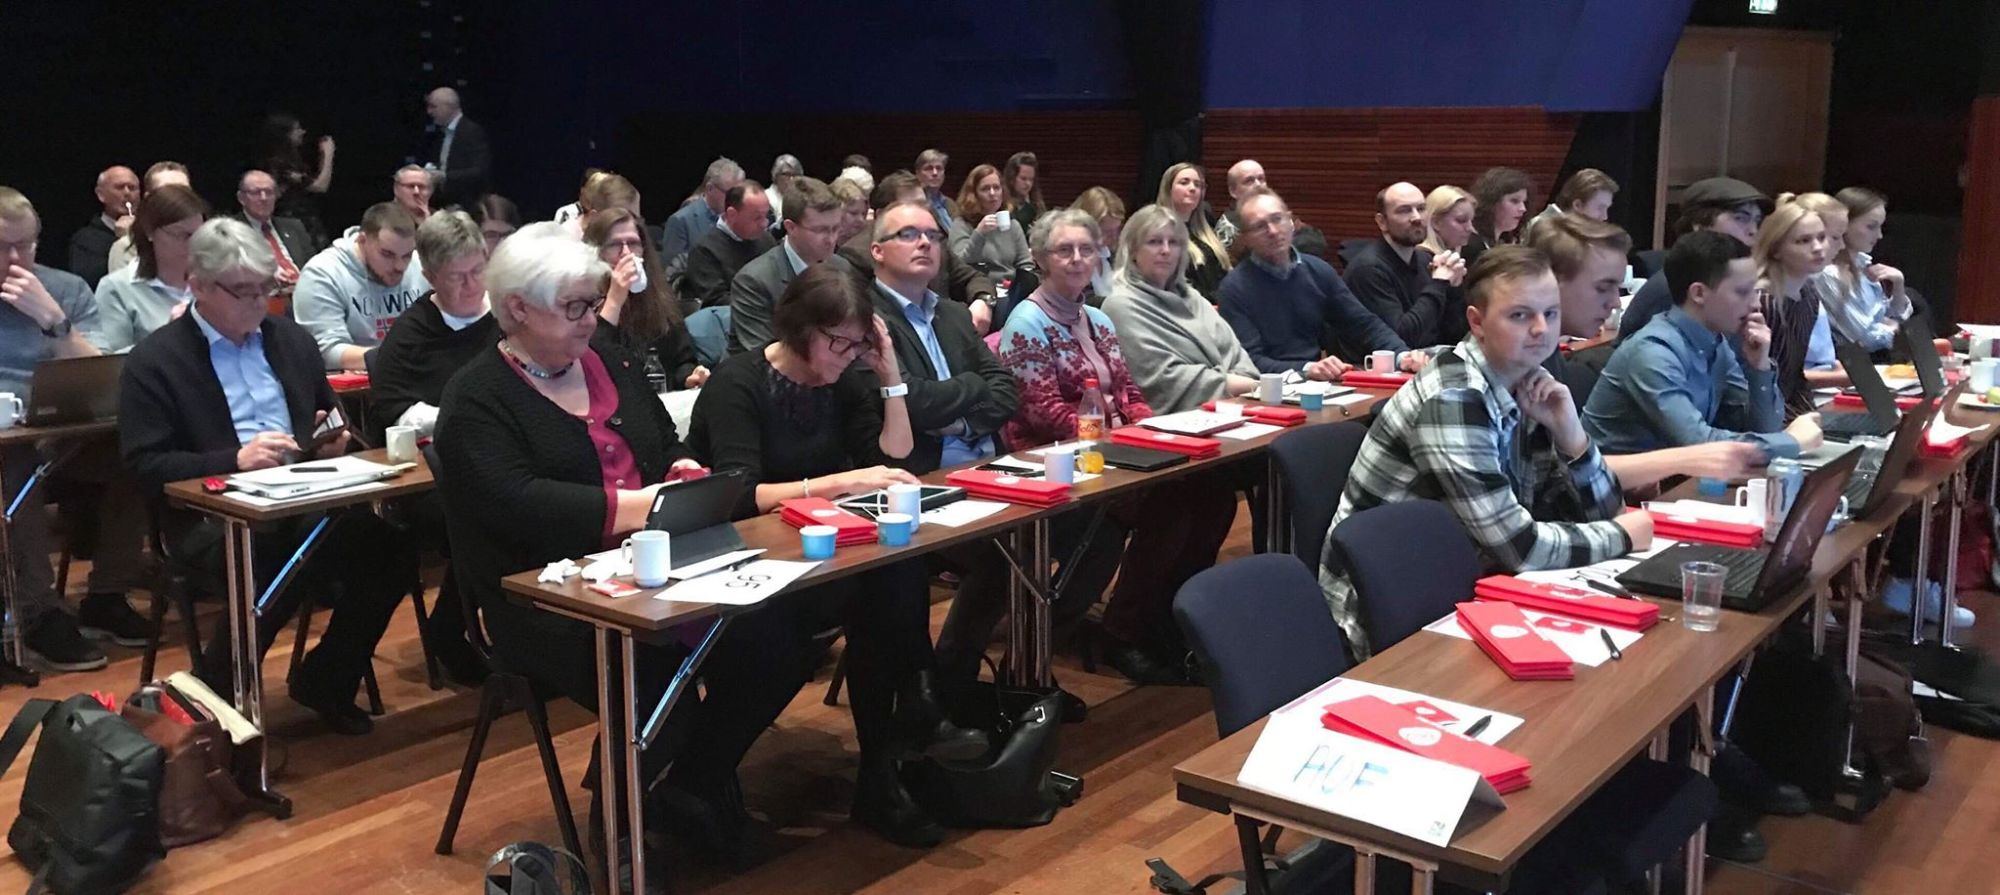 Delegater fra årsmøte 2018